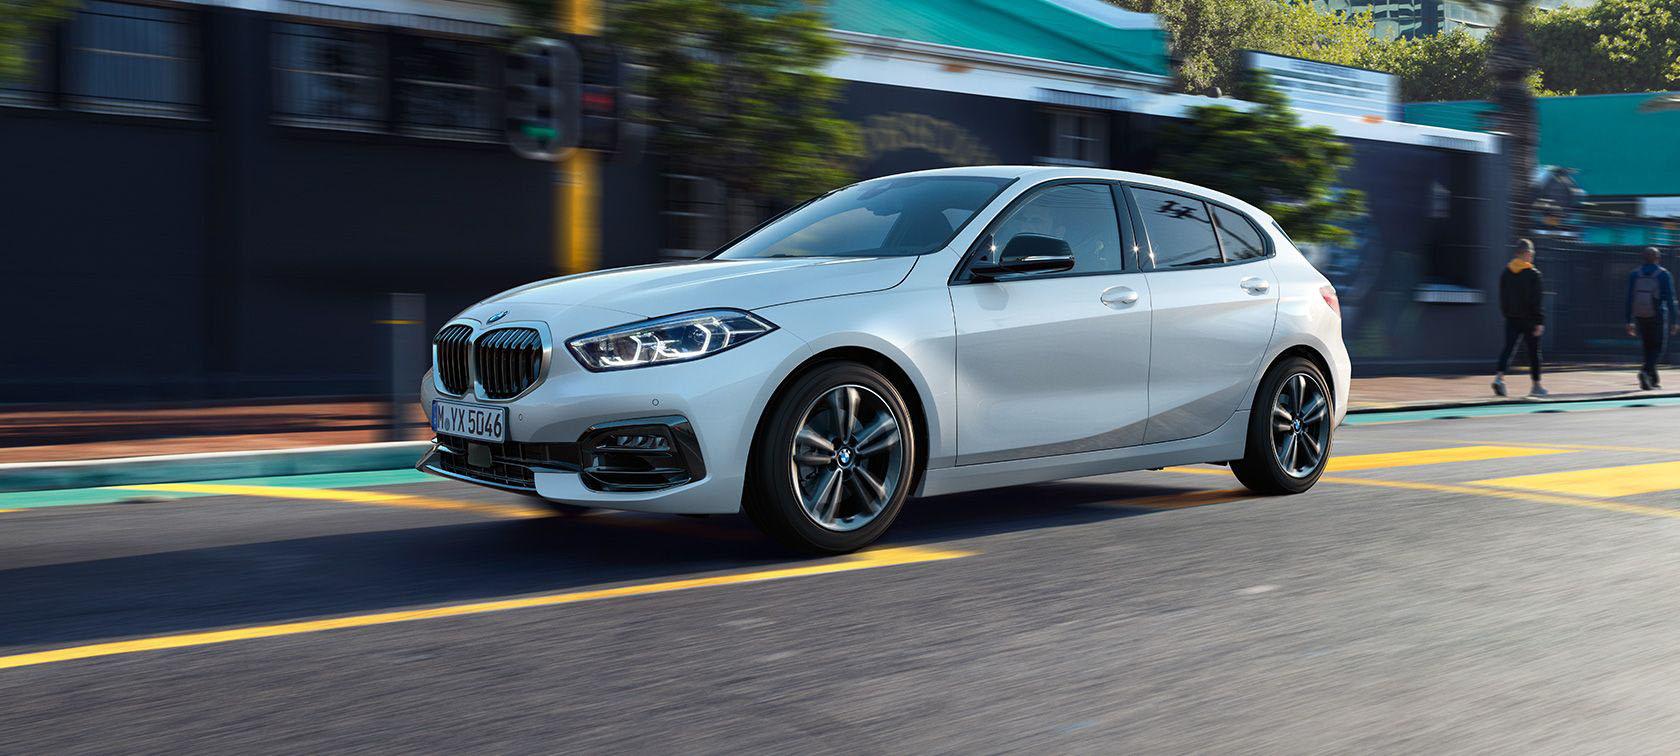 Adler Motor, Concesionario oficial BMW en Toledo - Olías del Rey y Talavera de la Reina